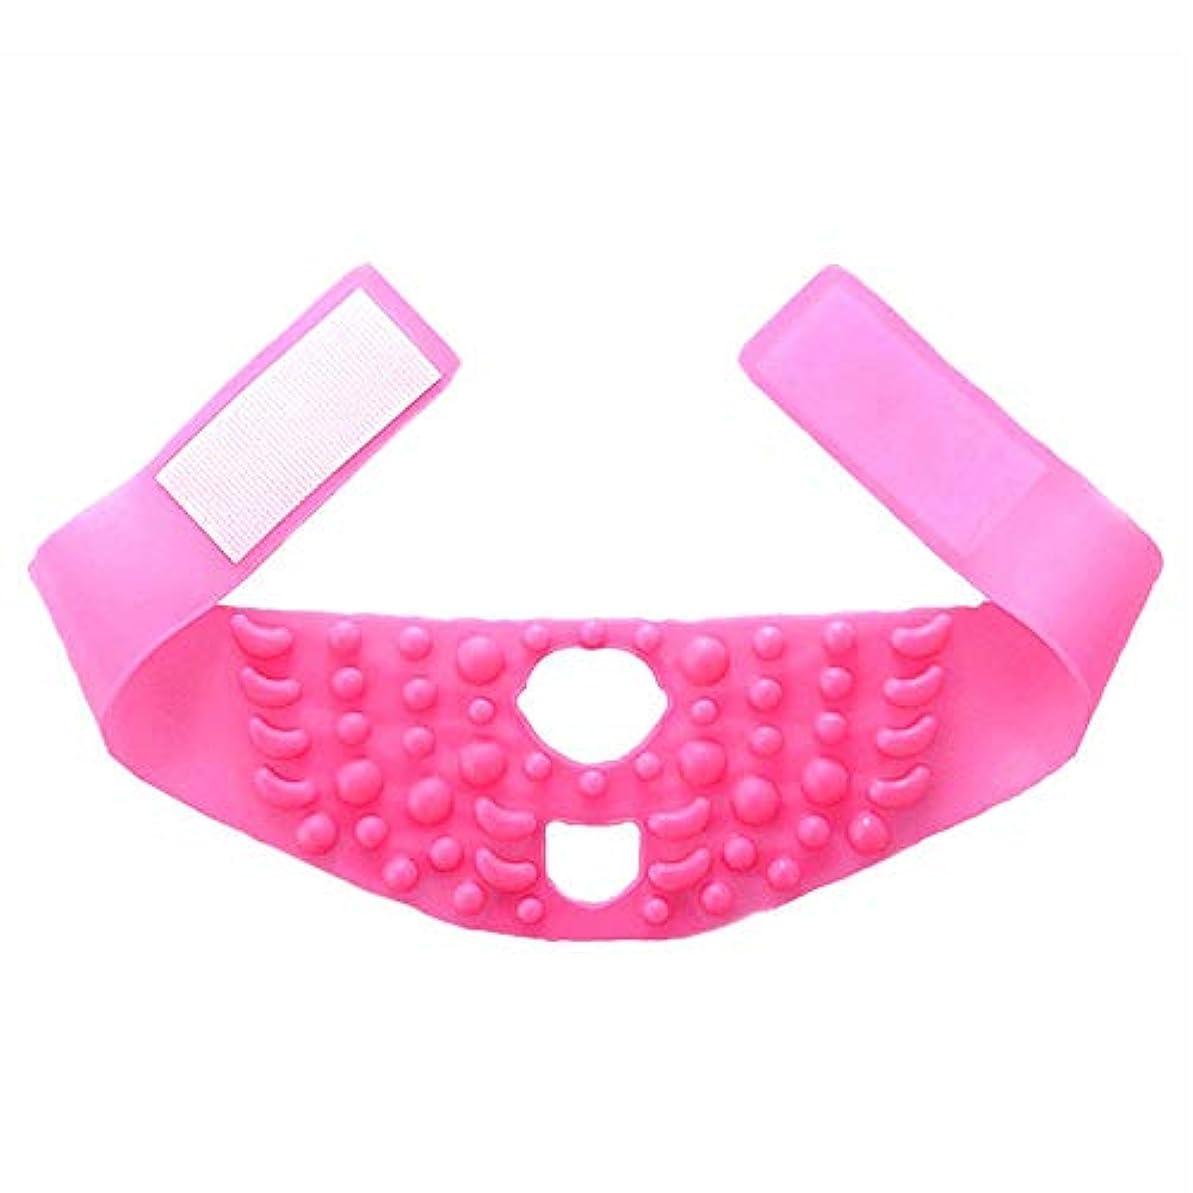 ロードハウス謝る出くわすシンフェイスマスクシリコーンマッサージ引き締まった形の小さなVフェイスリフティングに薄いフェイスアーティファクト包帯を飾る - ピンク